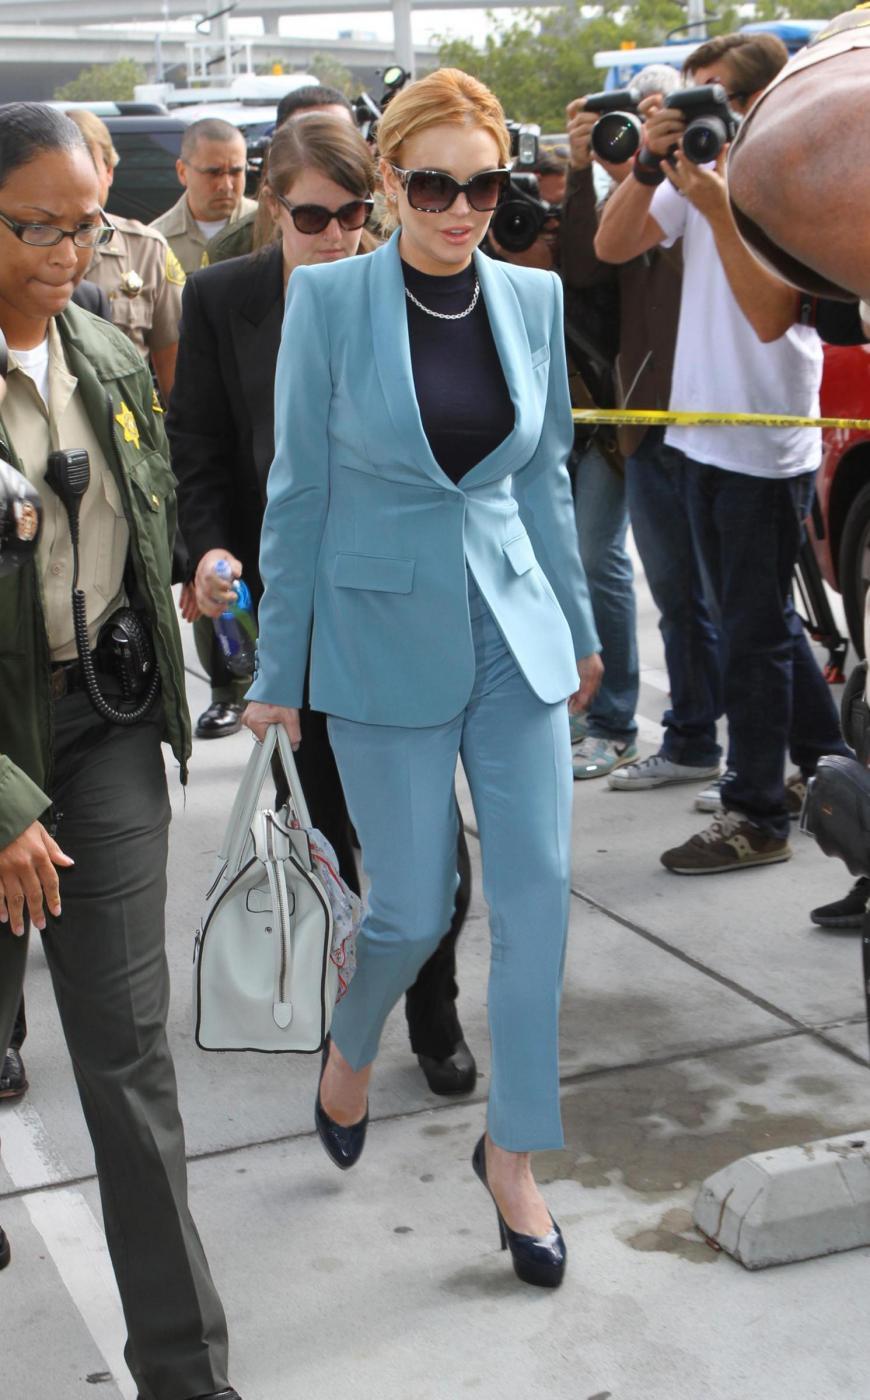 Lindsay Lohan in Tribunale 05